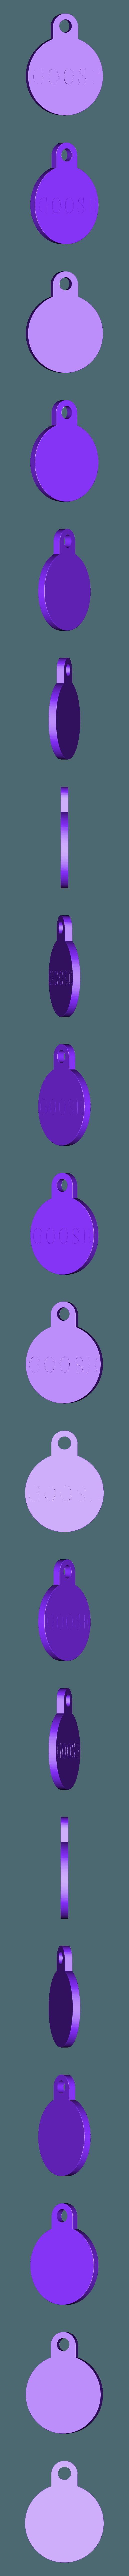 gooose.STL Télécharger fichier STL gratuit Gooose... !!! . ! • Plan pour impression 3D, Tum